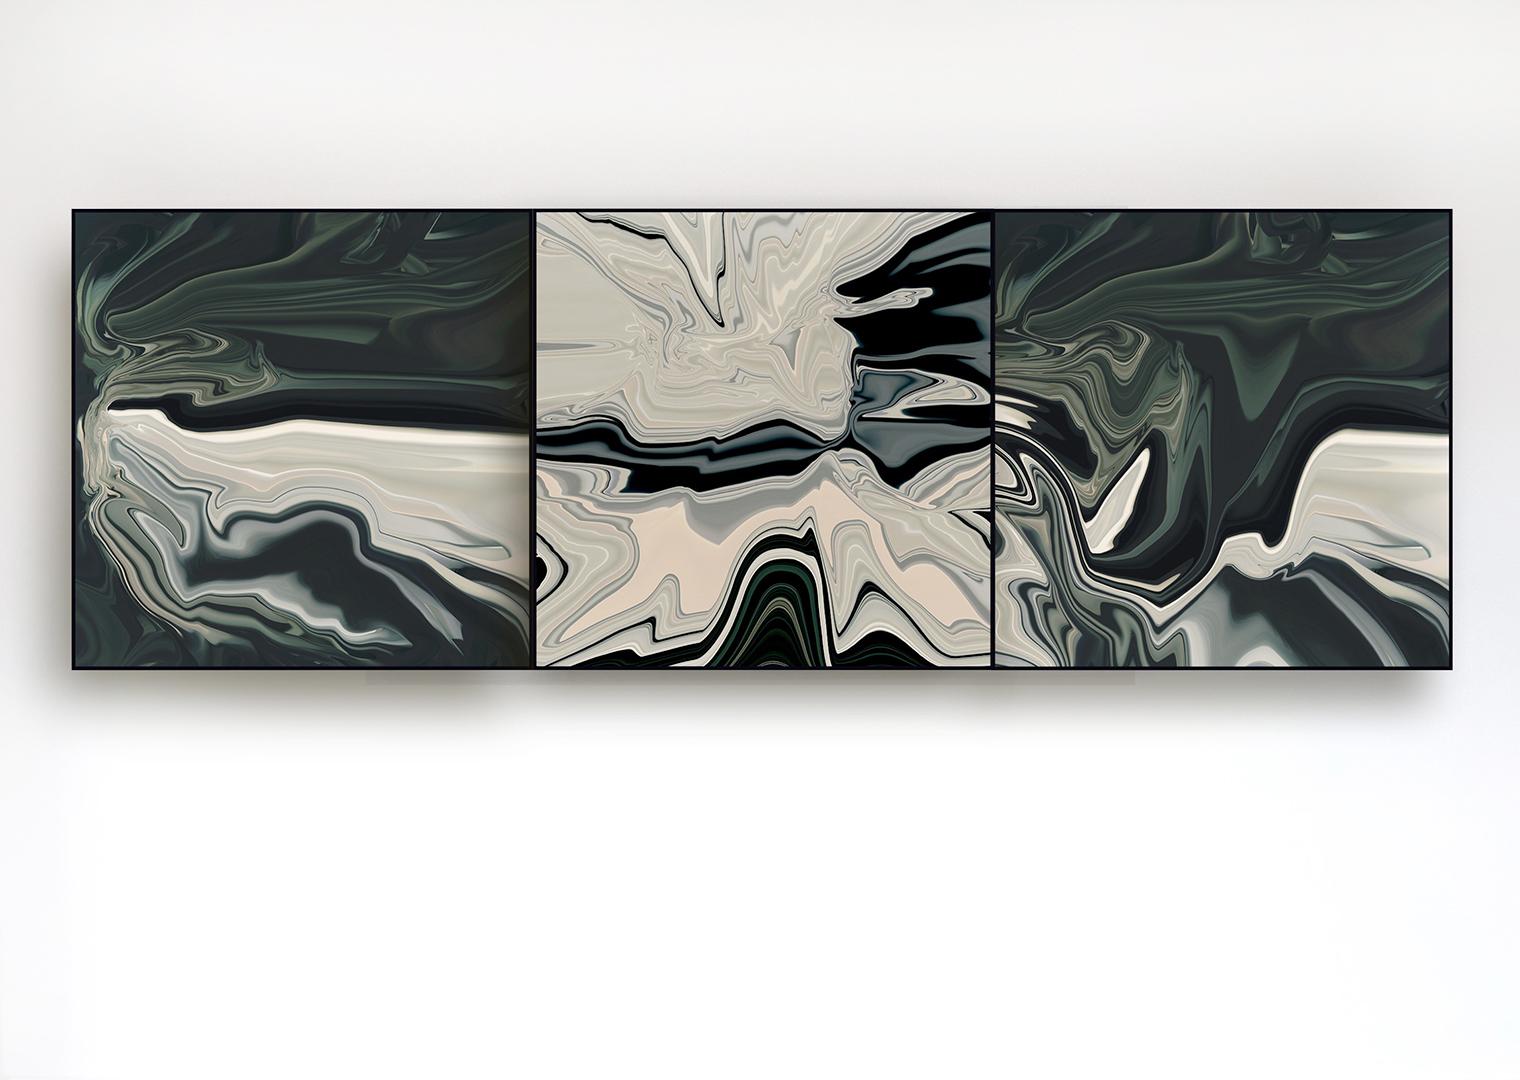 ABSTRACT_PORTRAITS_GRAY_FLUID_60x60_WAND_I_XIII_II